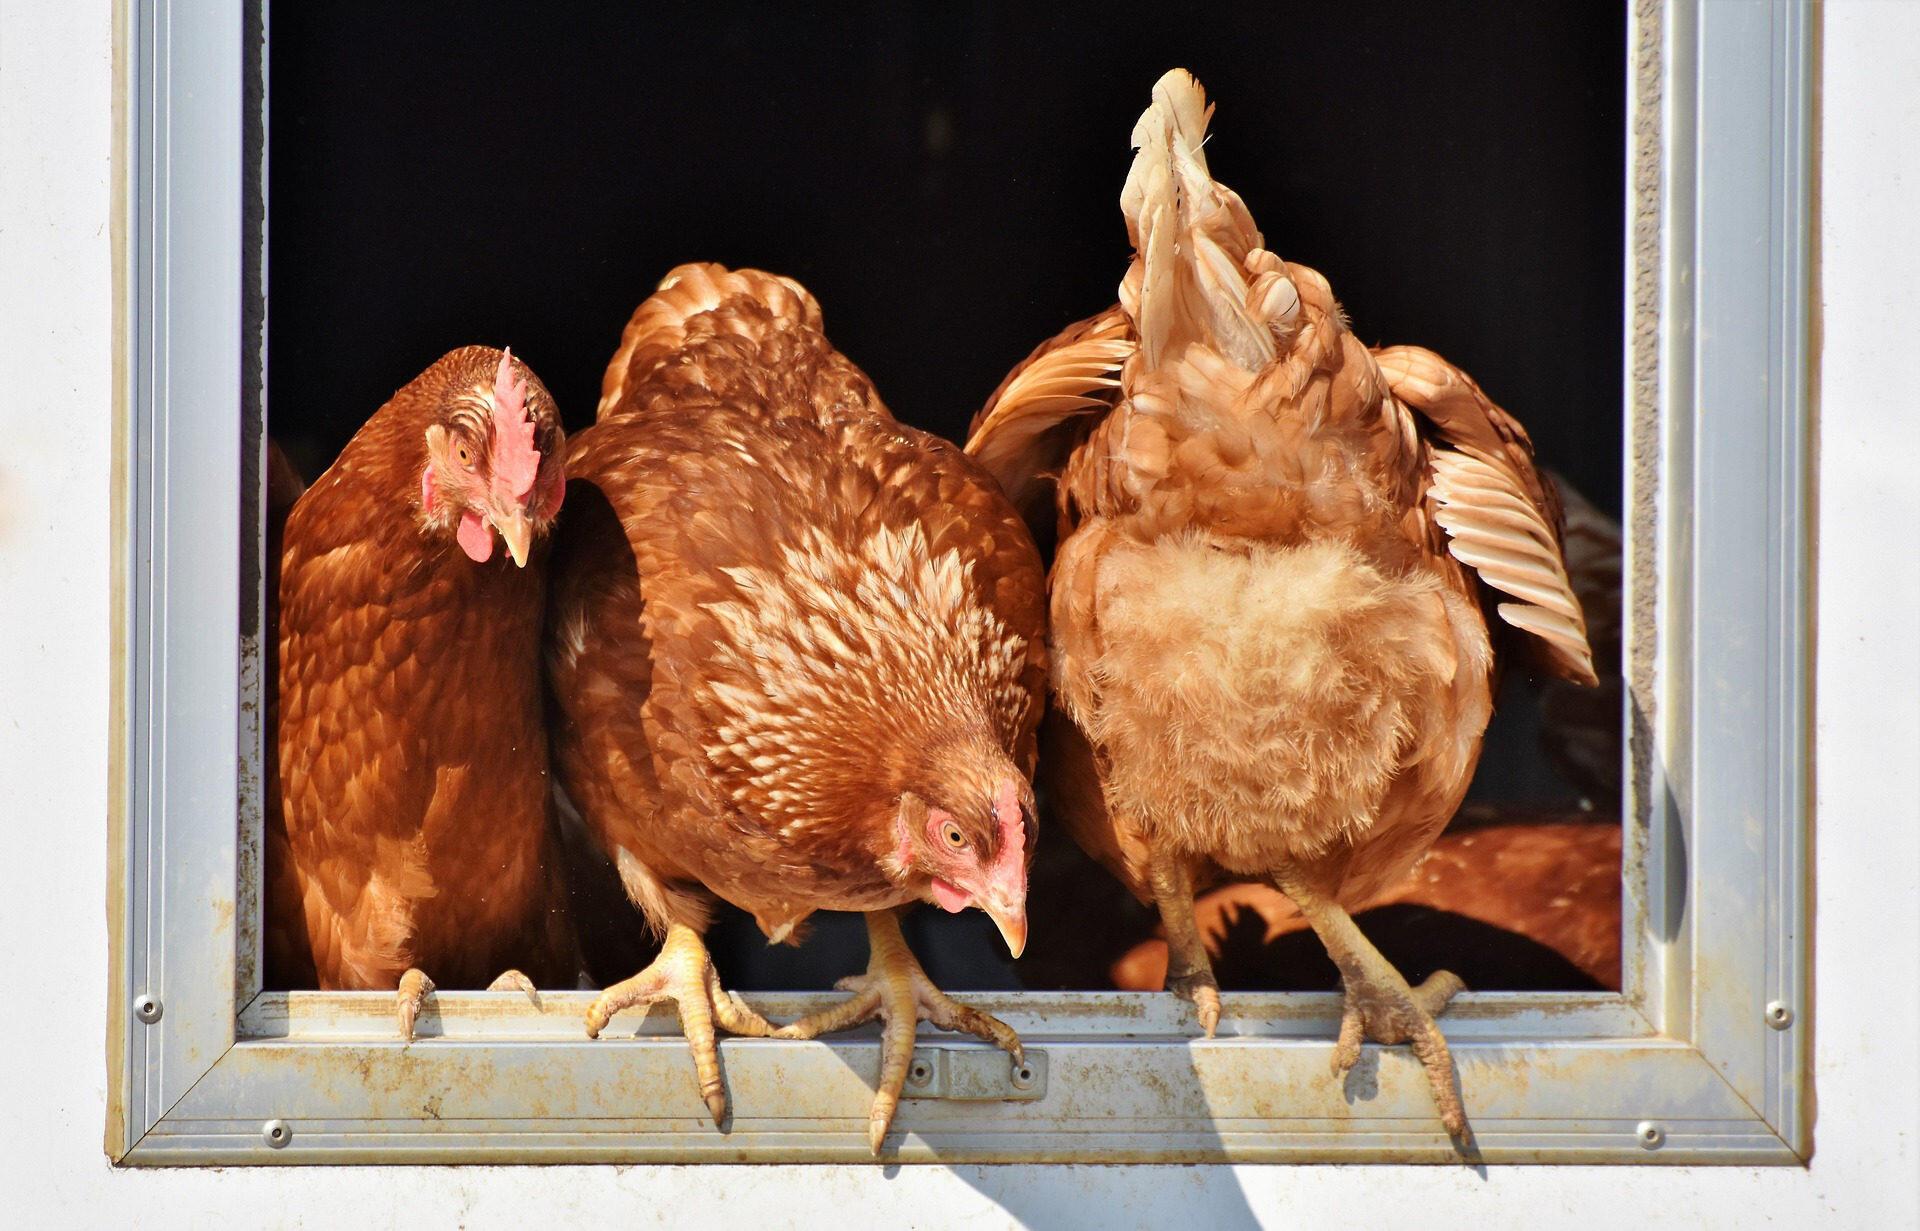 Produtores de aves são o próximo alvo de campanhas na França contra o uso da soja proveniente de área de desmantamento.